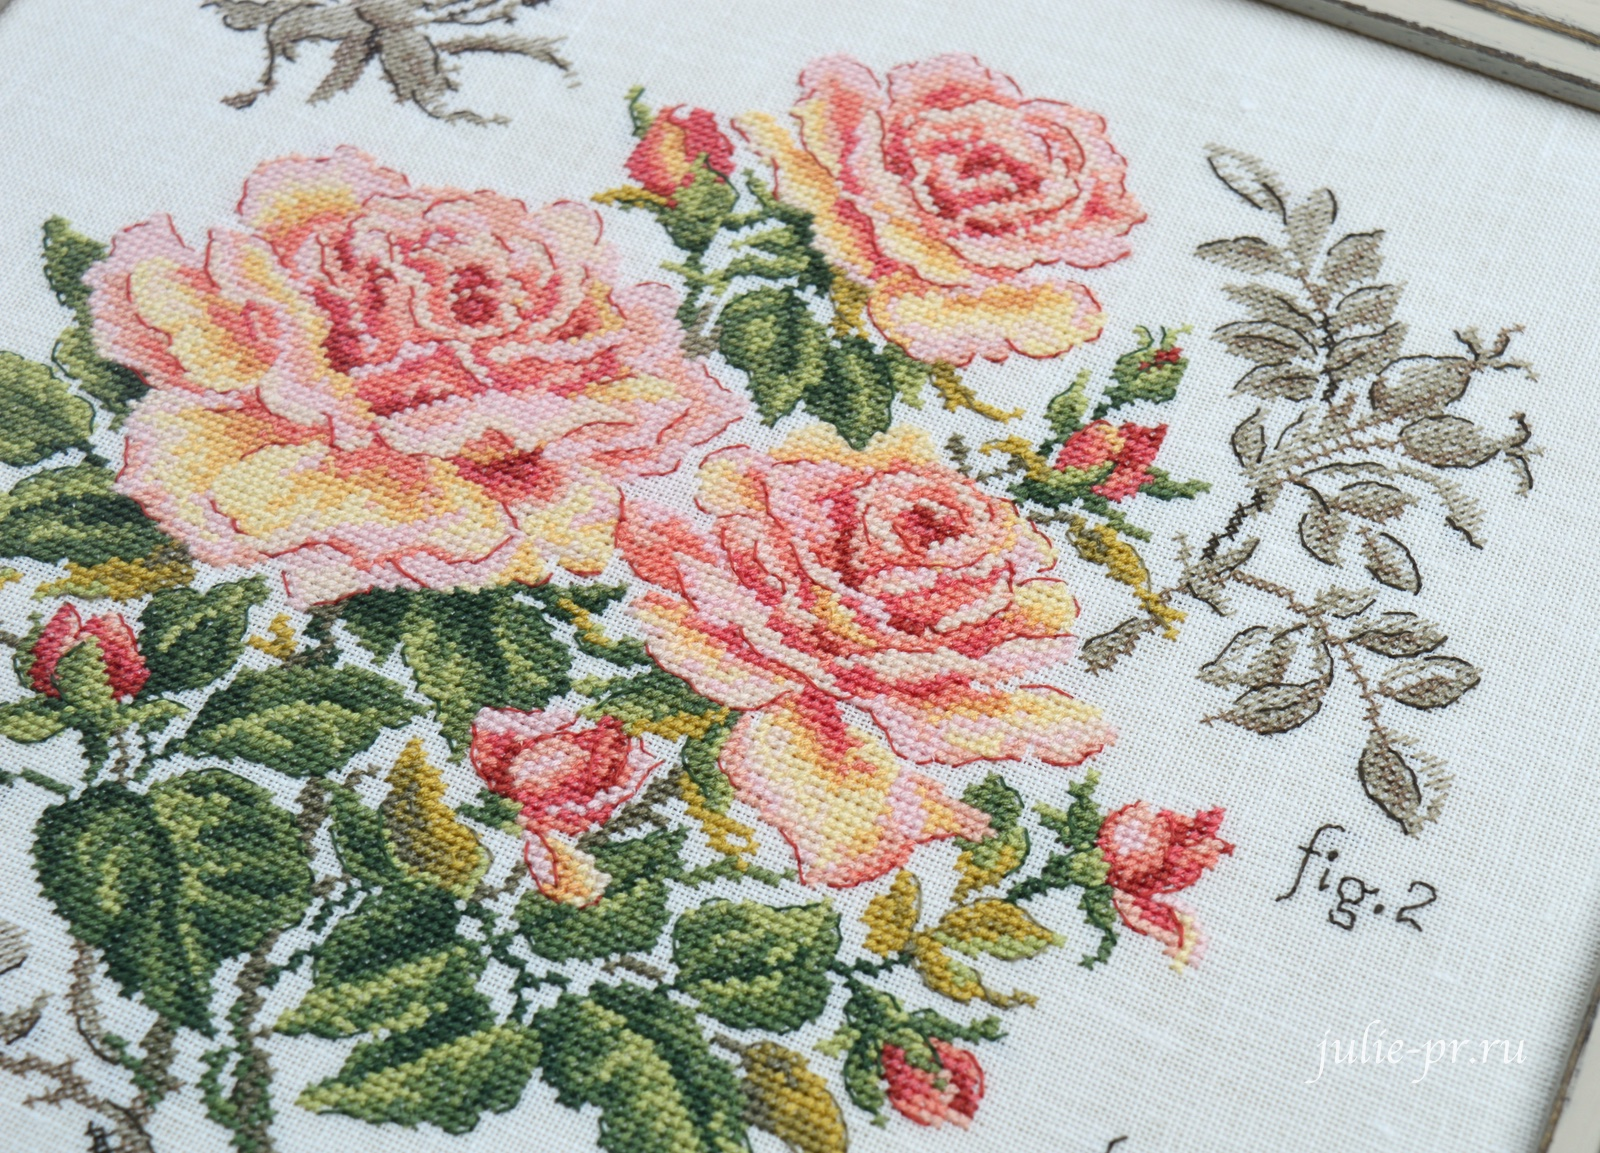 ботаника рose just joey, Les brodeuses parisiennes, парижские вышивальщицы, Veronique Enginger, вышивка крестом